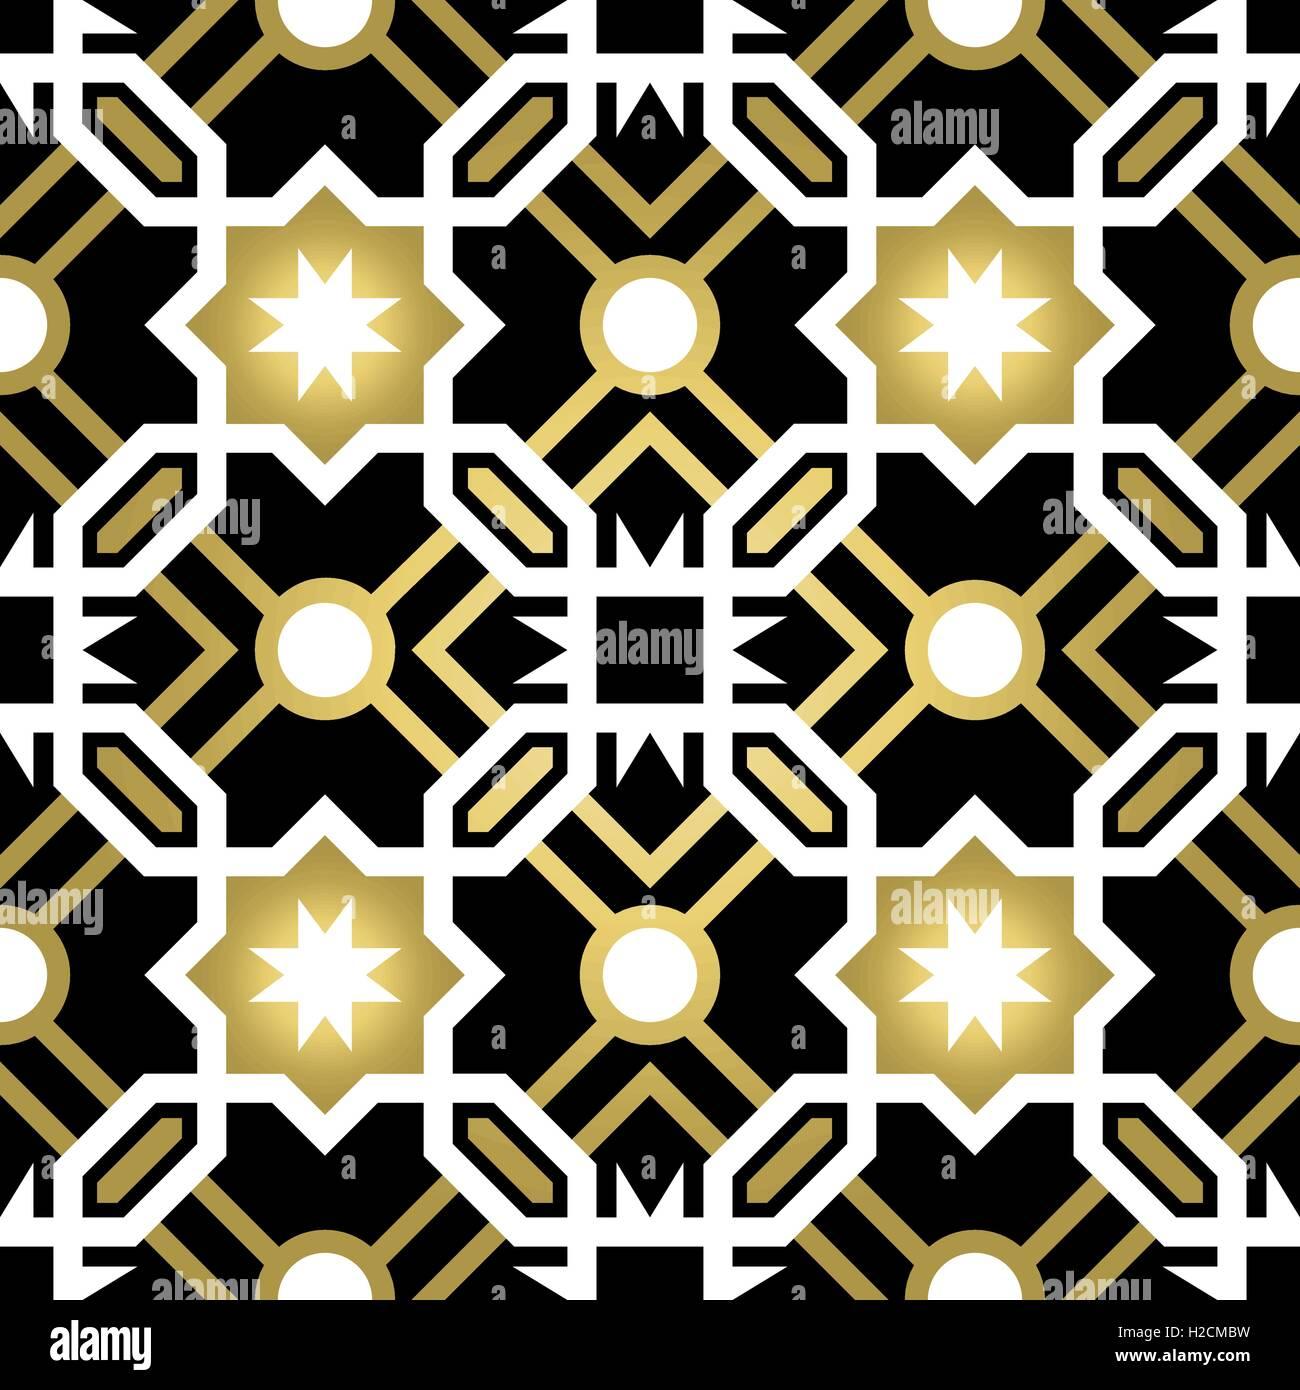 Gold Klassische Keramik Mosaik Fliesen Musterdesign Mit Geometrischen Form  Dekoration, Luxus Stil Abstrakten Hintergrund. EPS10